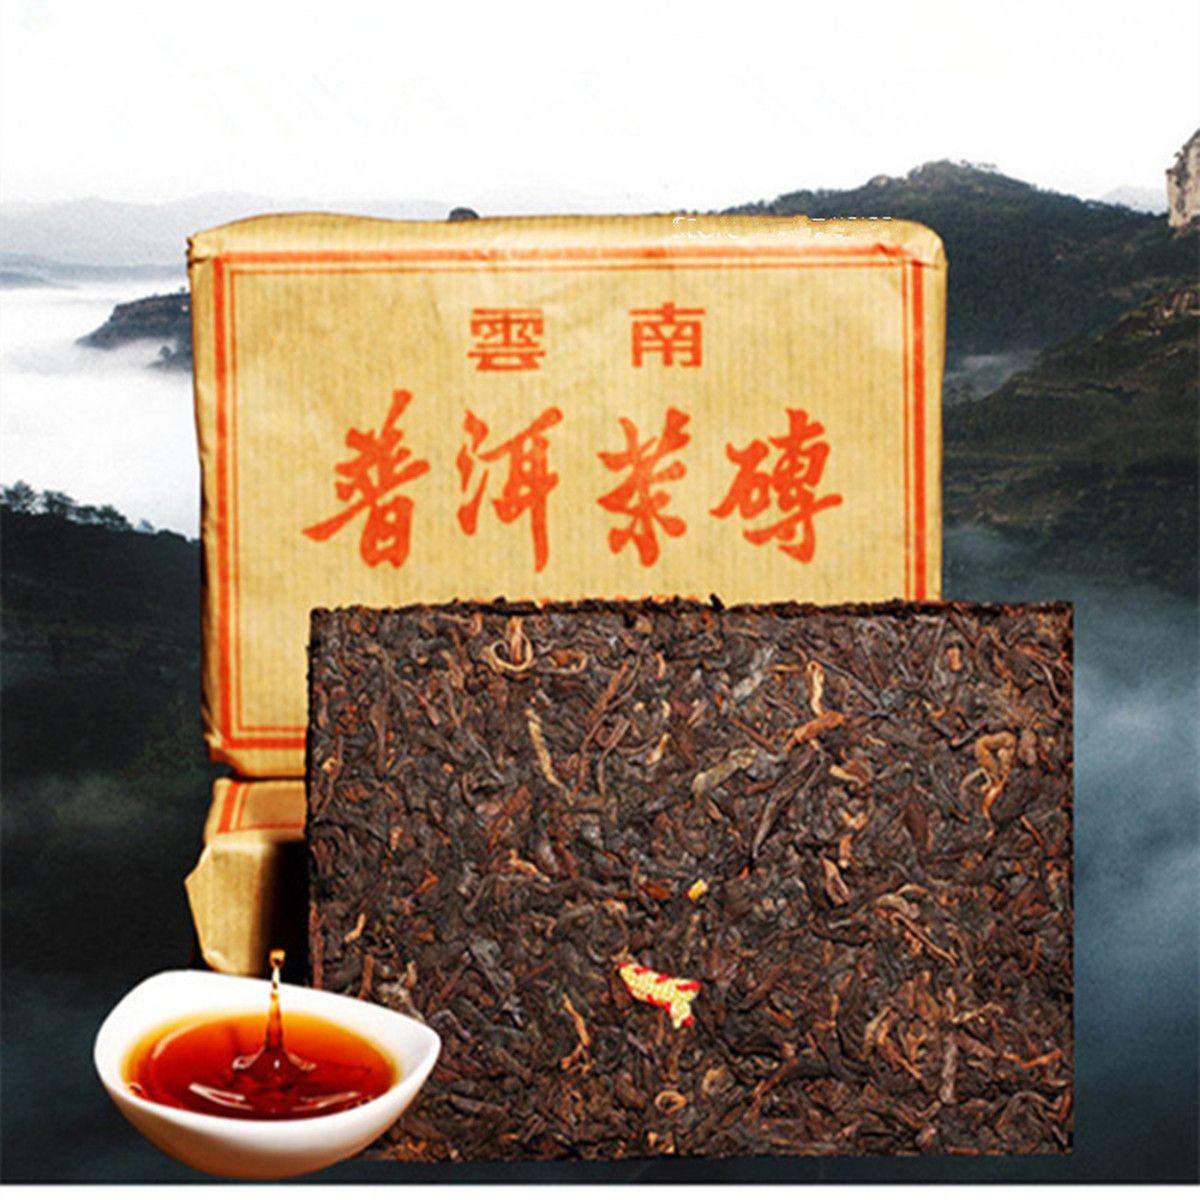 100g Çin Puer Çay Olgun Pu er Yaşlı Atası Antik Puer Siyah çay Puerh sağlıklı Yeşil gıda Yaşlı ağaçlar Pu erh çay pişmiş